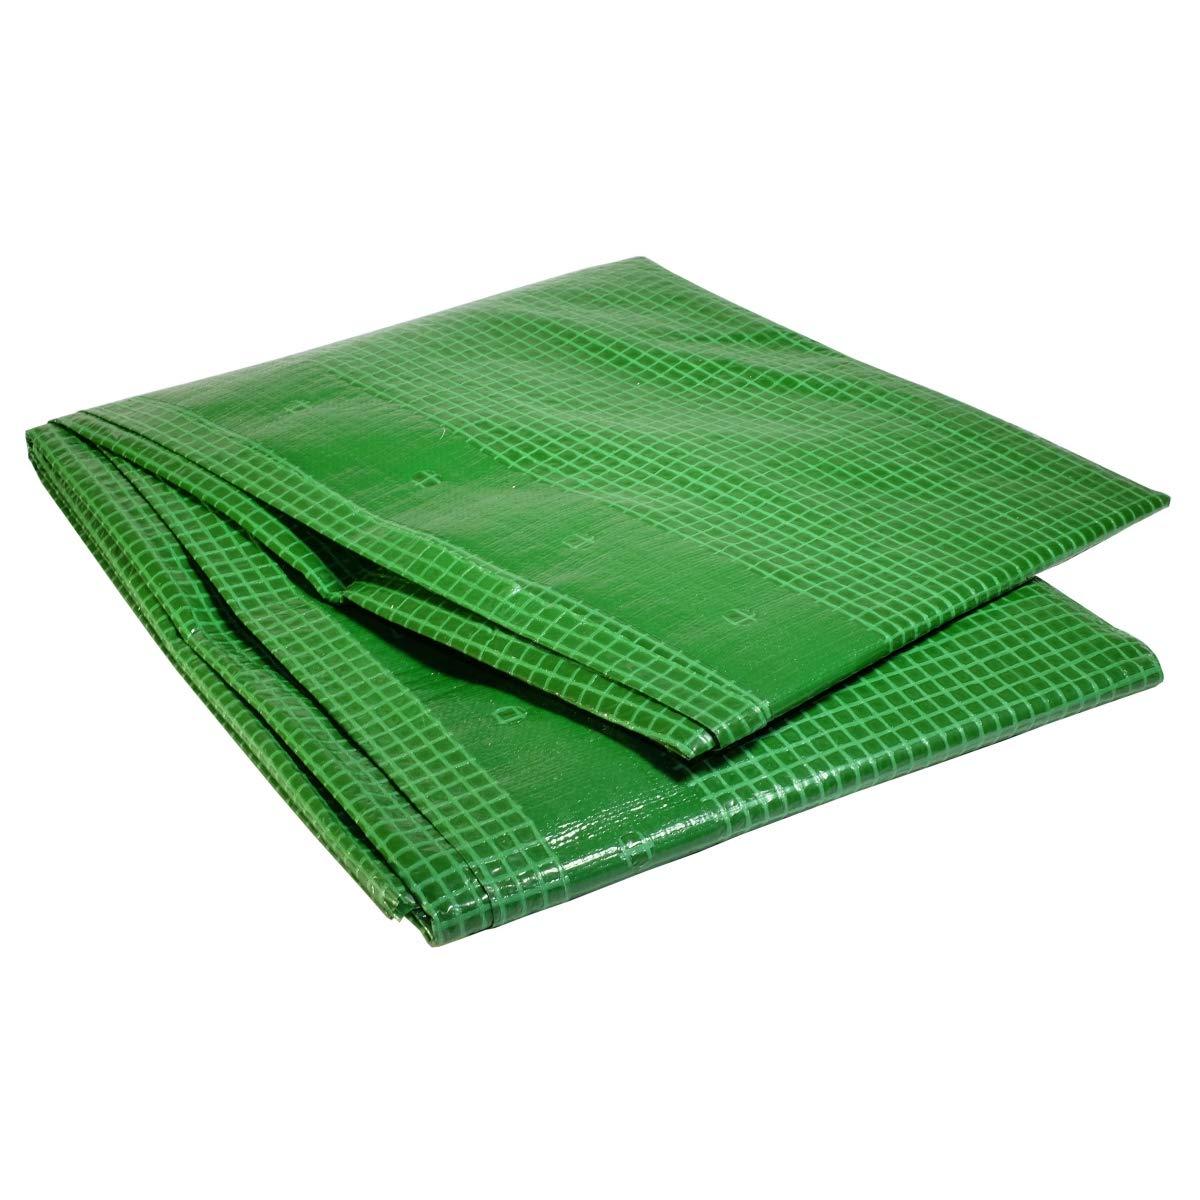 Lienzo para pérgola y cenador 170 g/m² – lona para pérgola y cenador verde – 4 x 6 m (polietileno,: Amazon.es: Bricolaje y herramientas